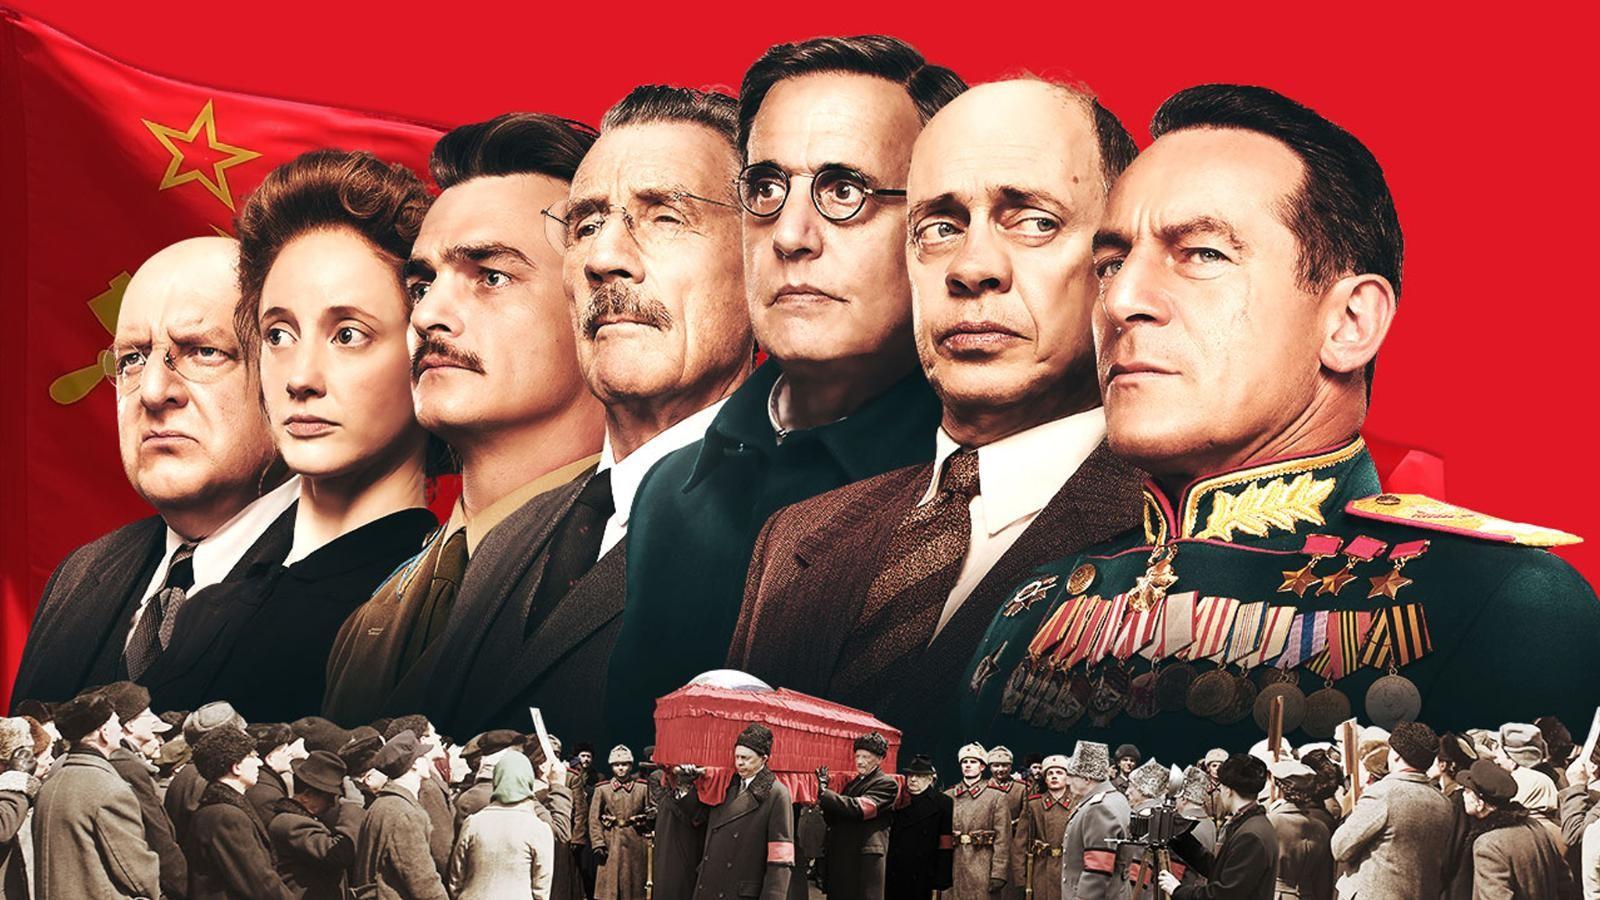 Morto Stalin, se ne fa un altro: trama, cast e anticipazioni del film